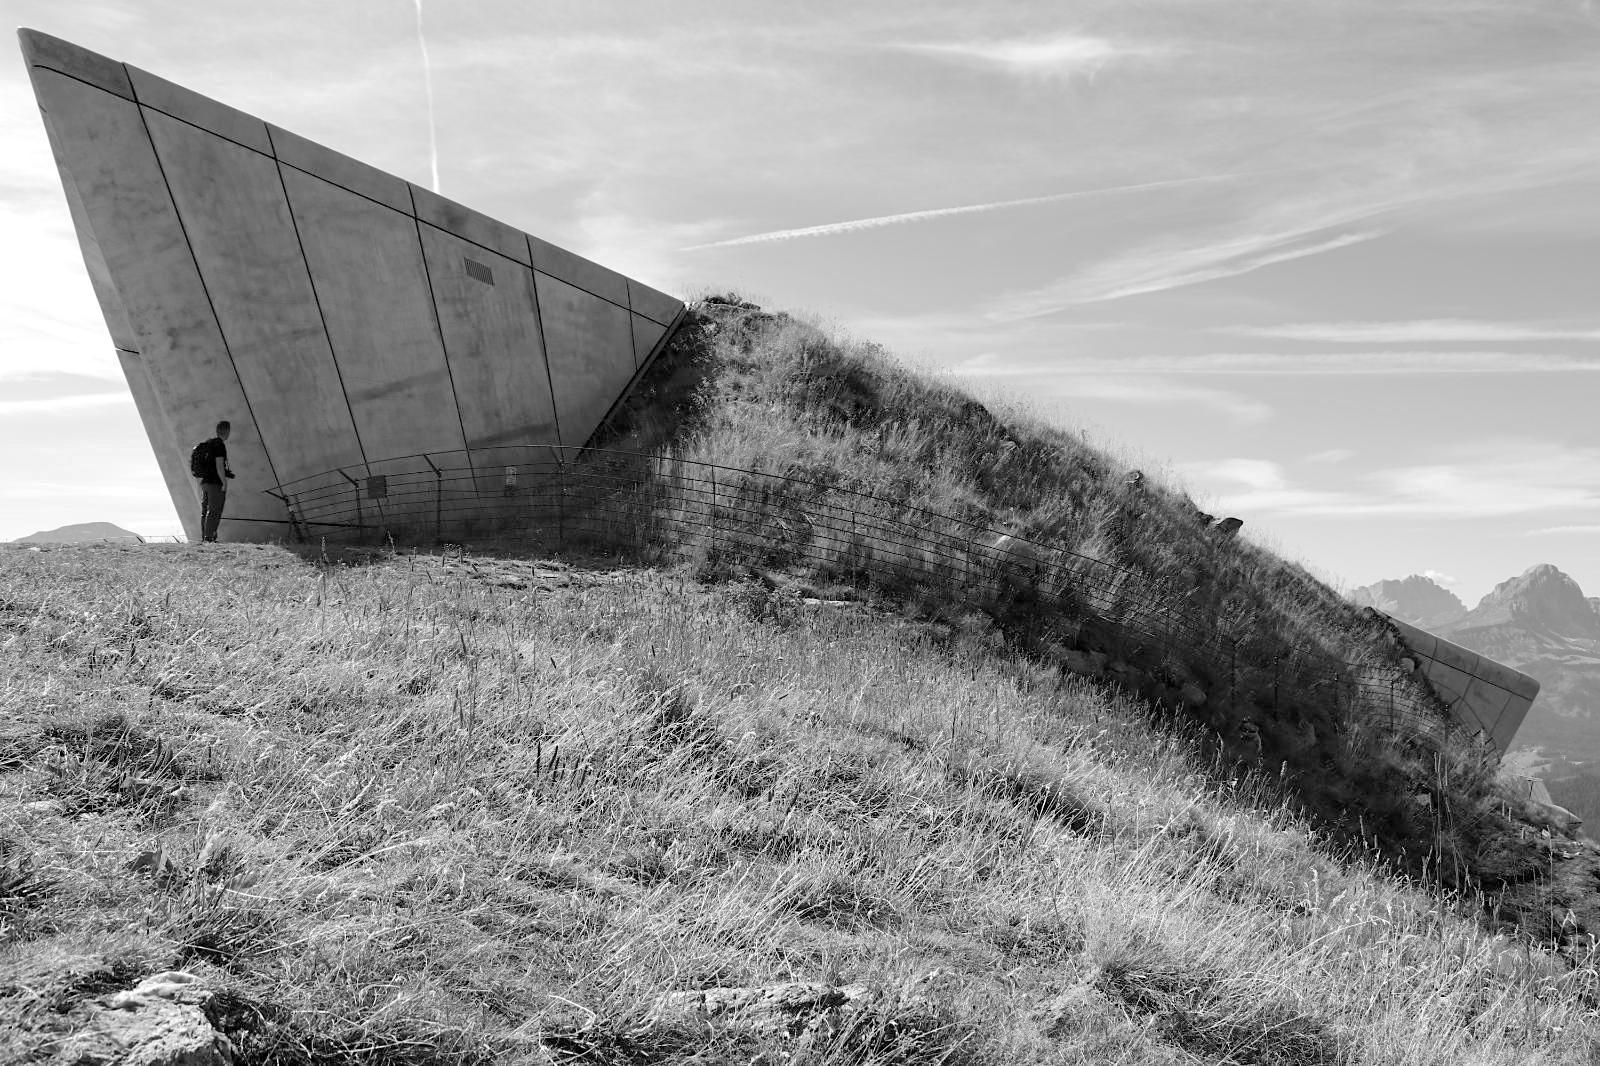 MMM Corones. Der Zaha Hadid-Entwurf bildet den Abschluss der MMM-Reihe. Hadids Gebäude gilt als erstes Projekt, das nach parametrischen Maßstäben in Südtirol gebaut wurde.